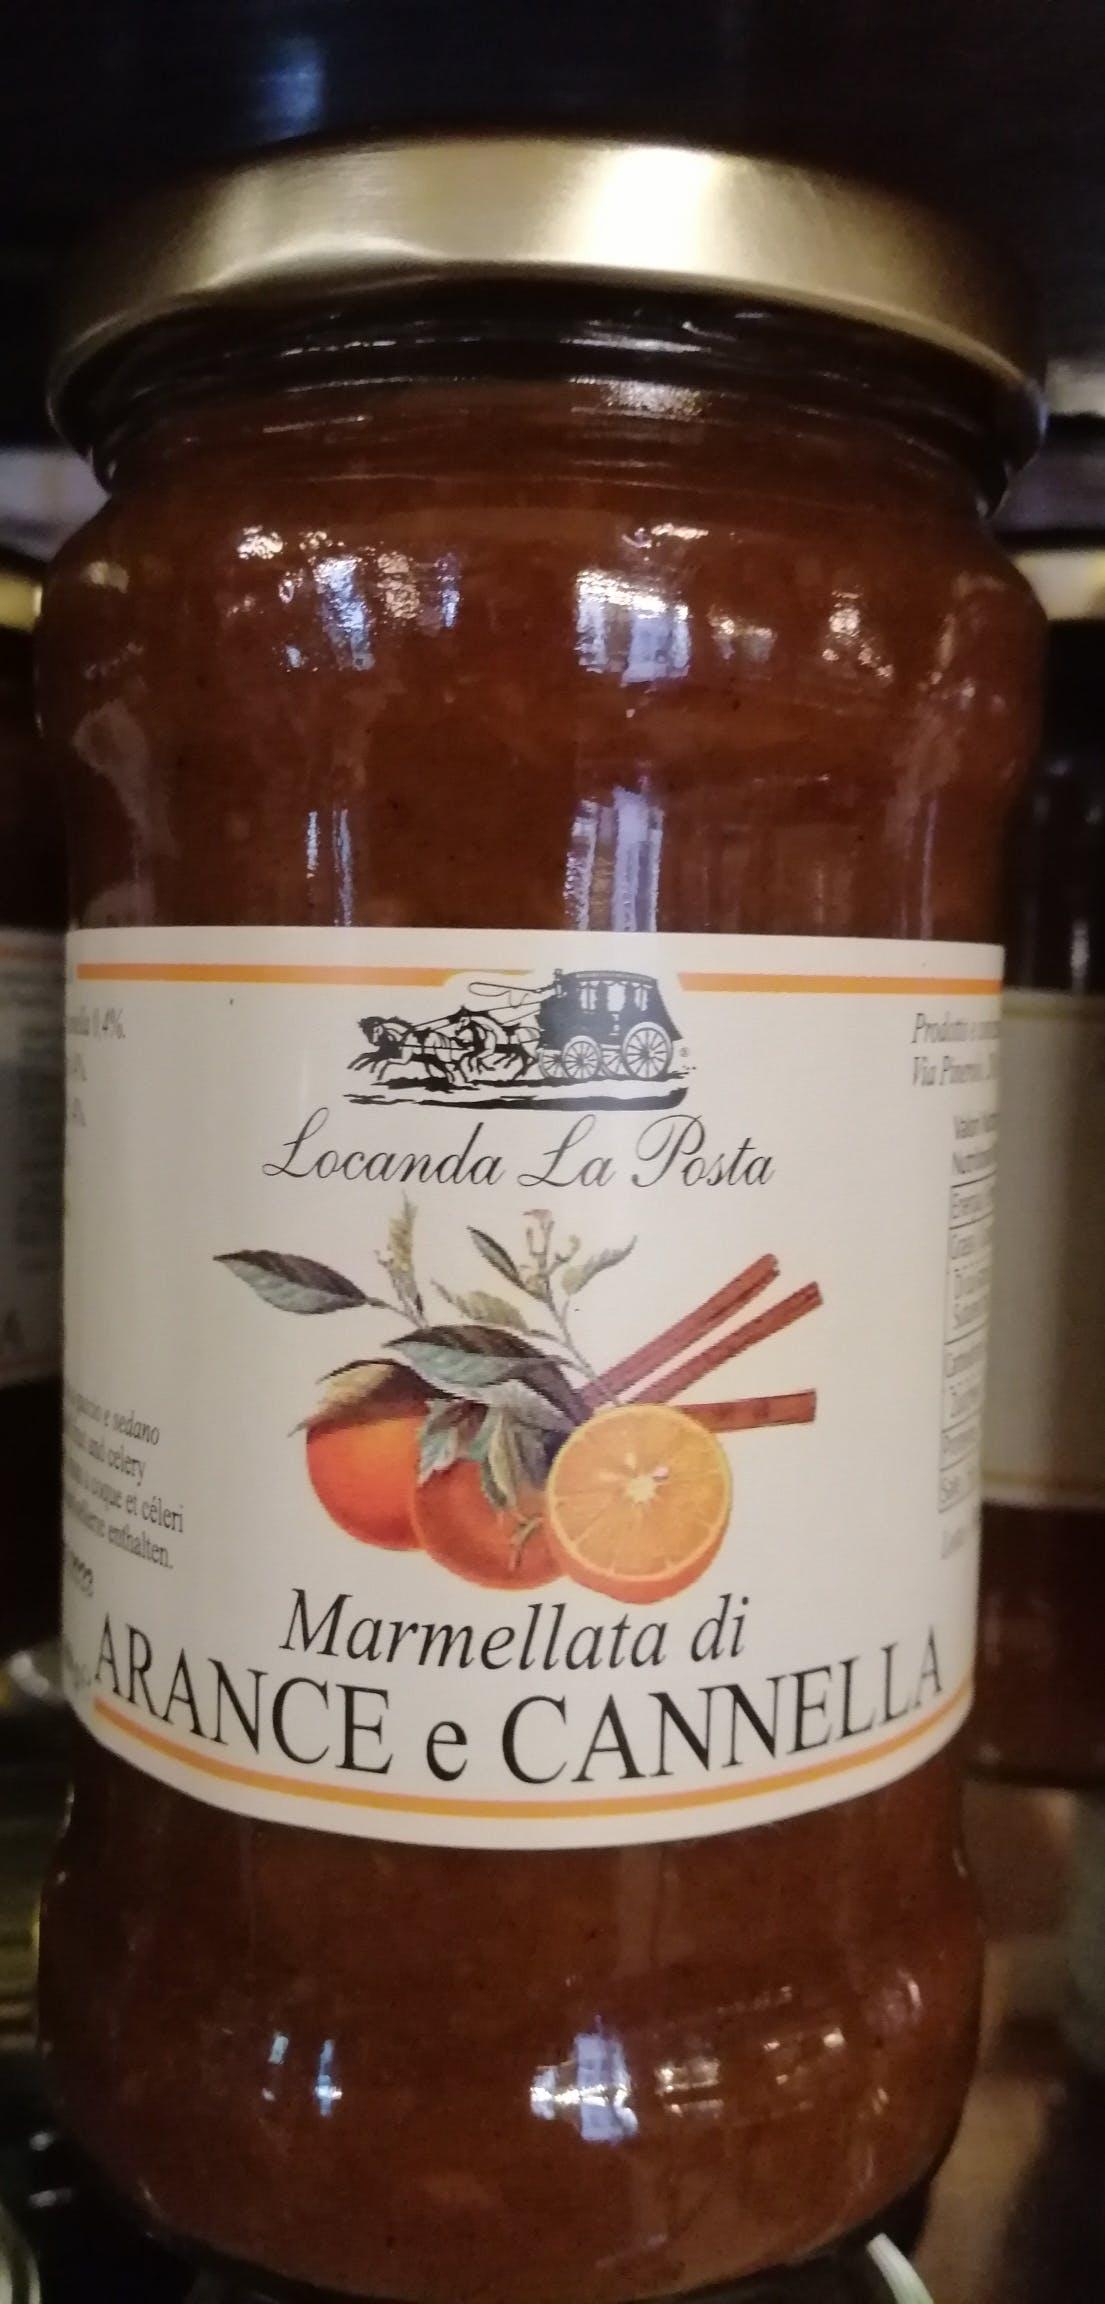 Arance e Cannella, Marmellata